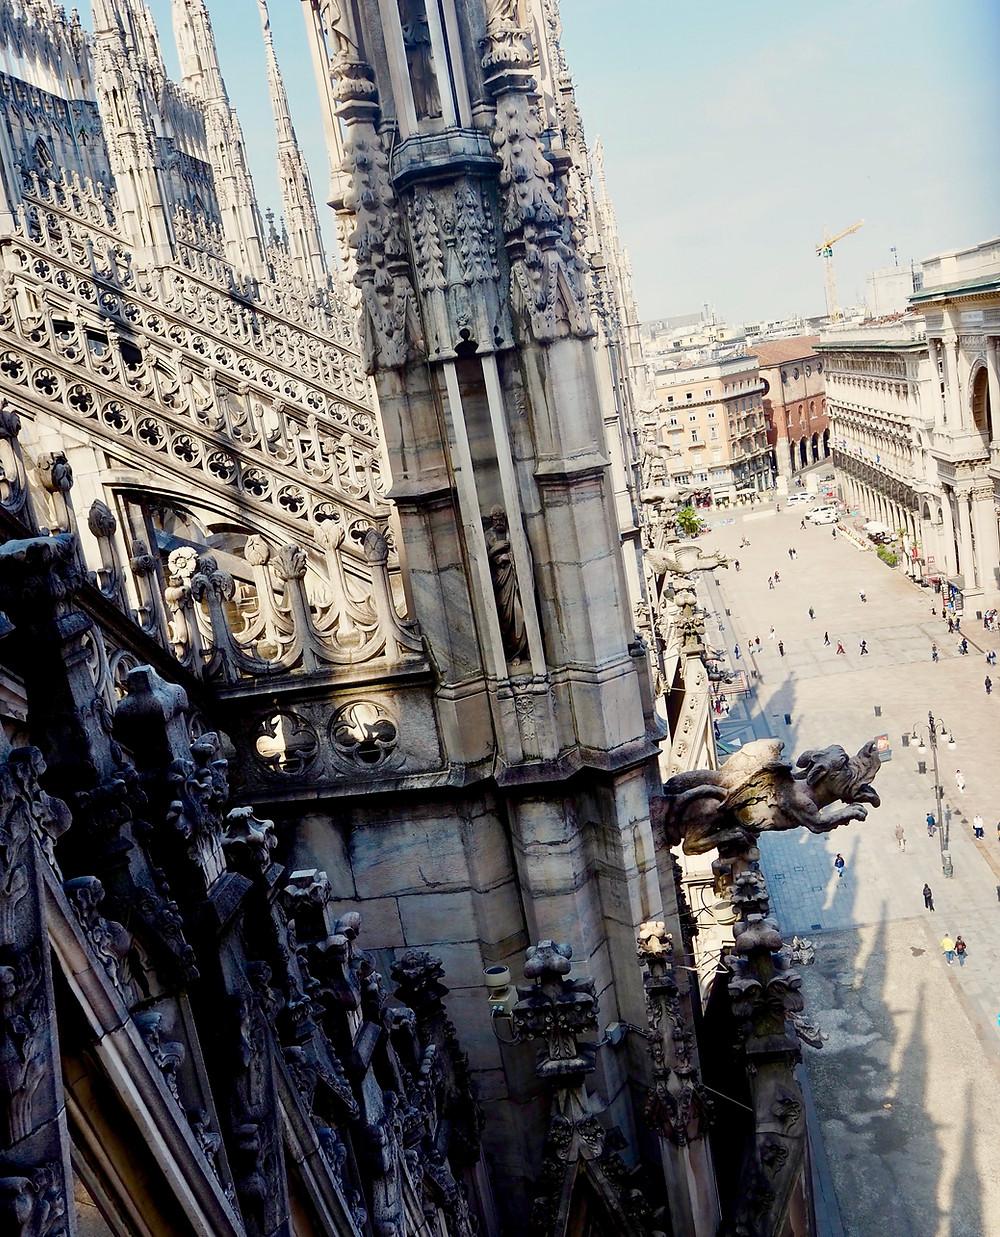 milan-cathedral-views